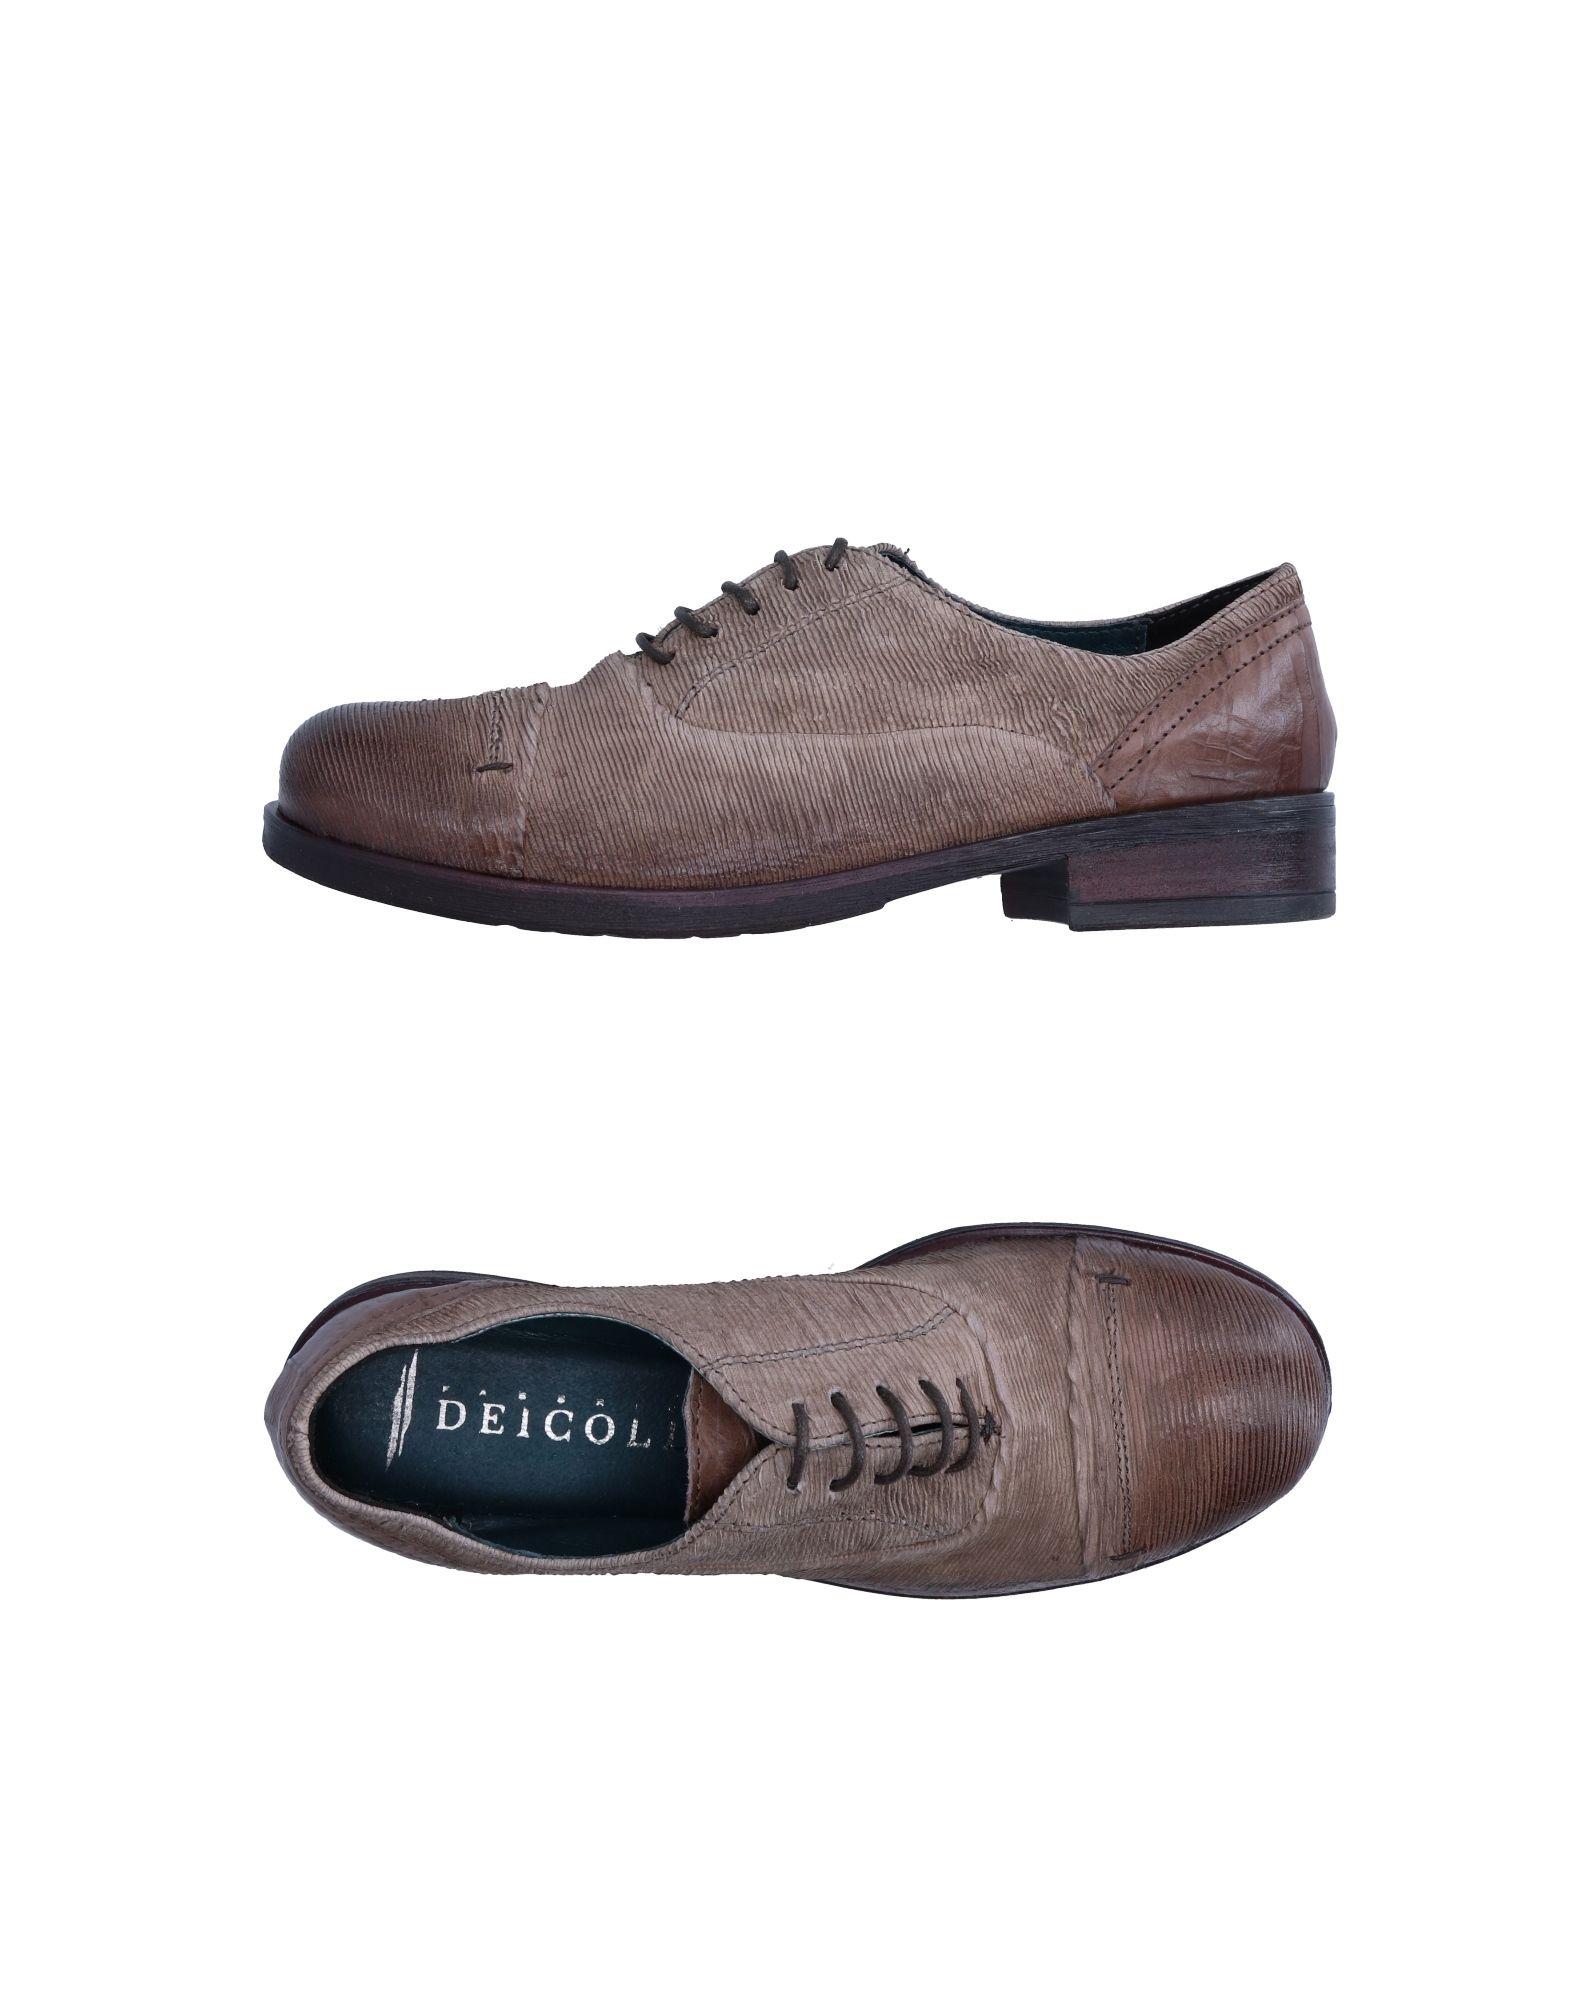 купить FABBRICA DEICOLLI Обувь на шнурках дешево